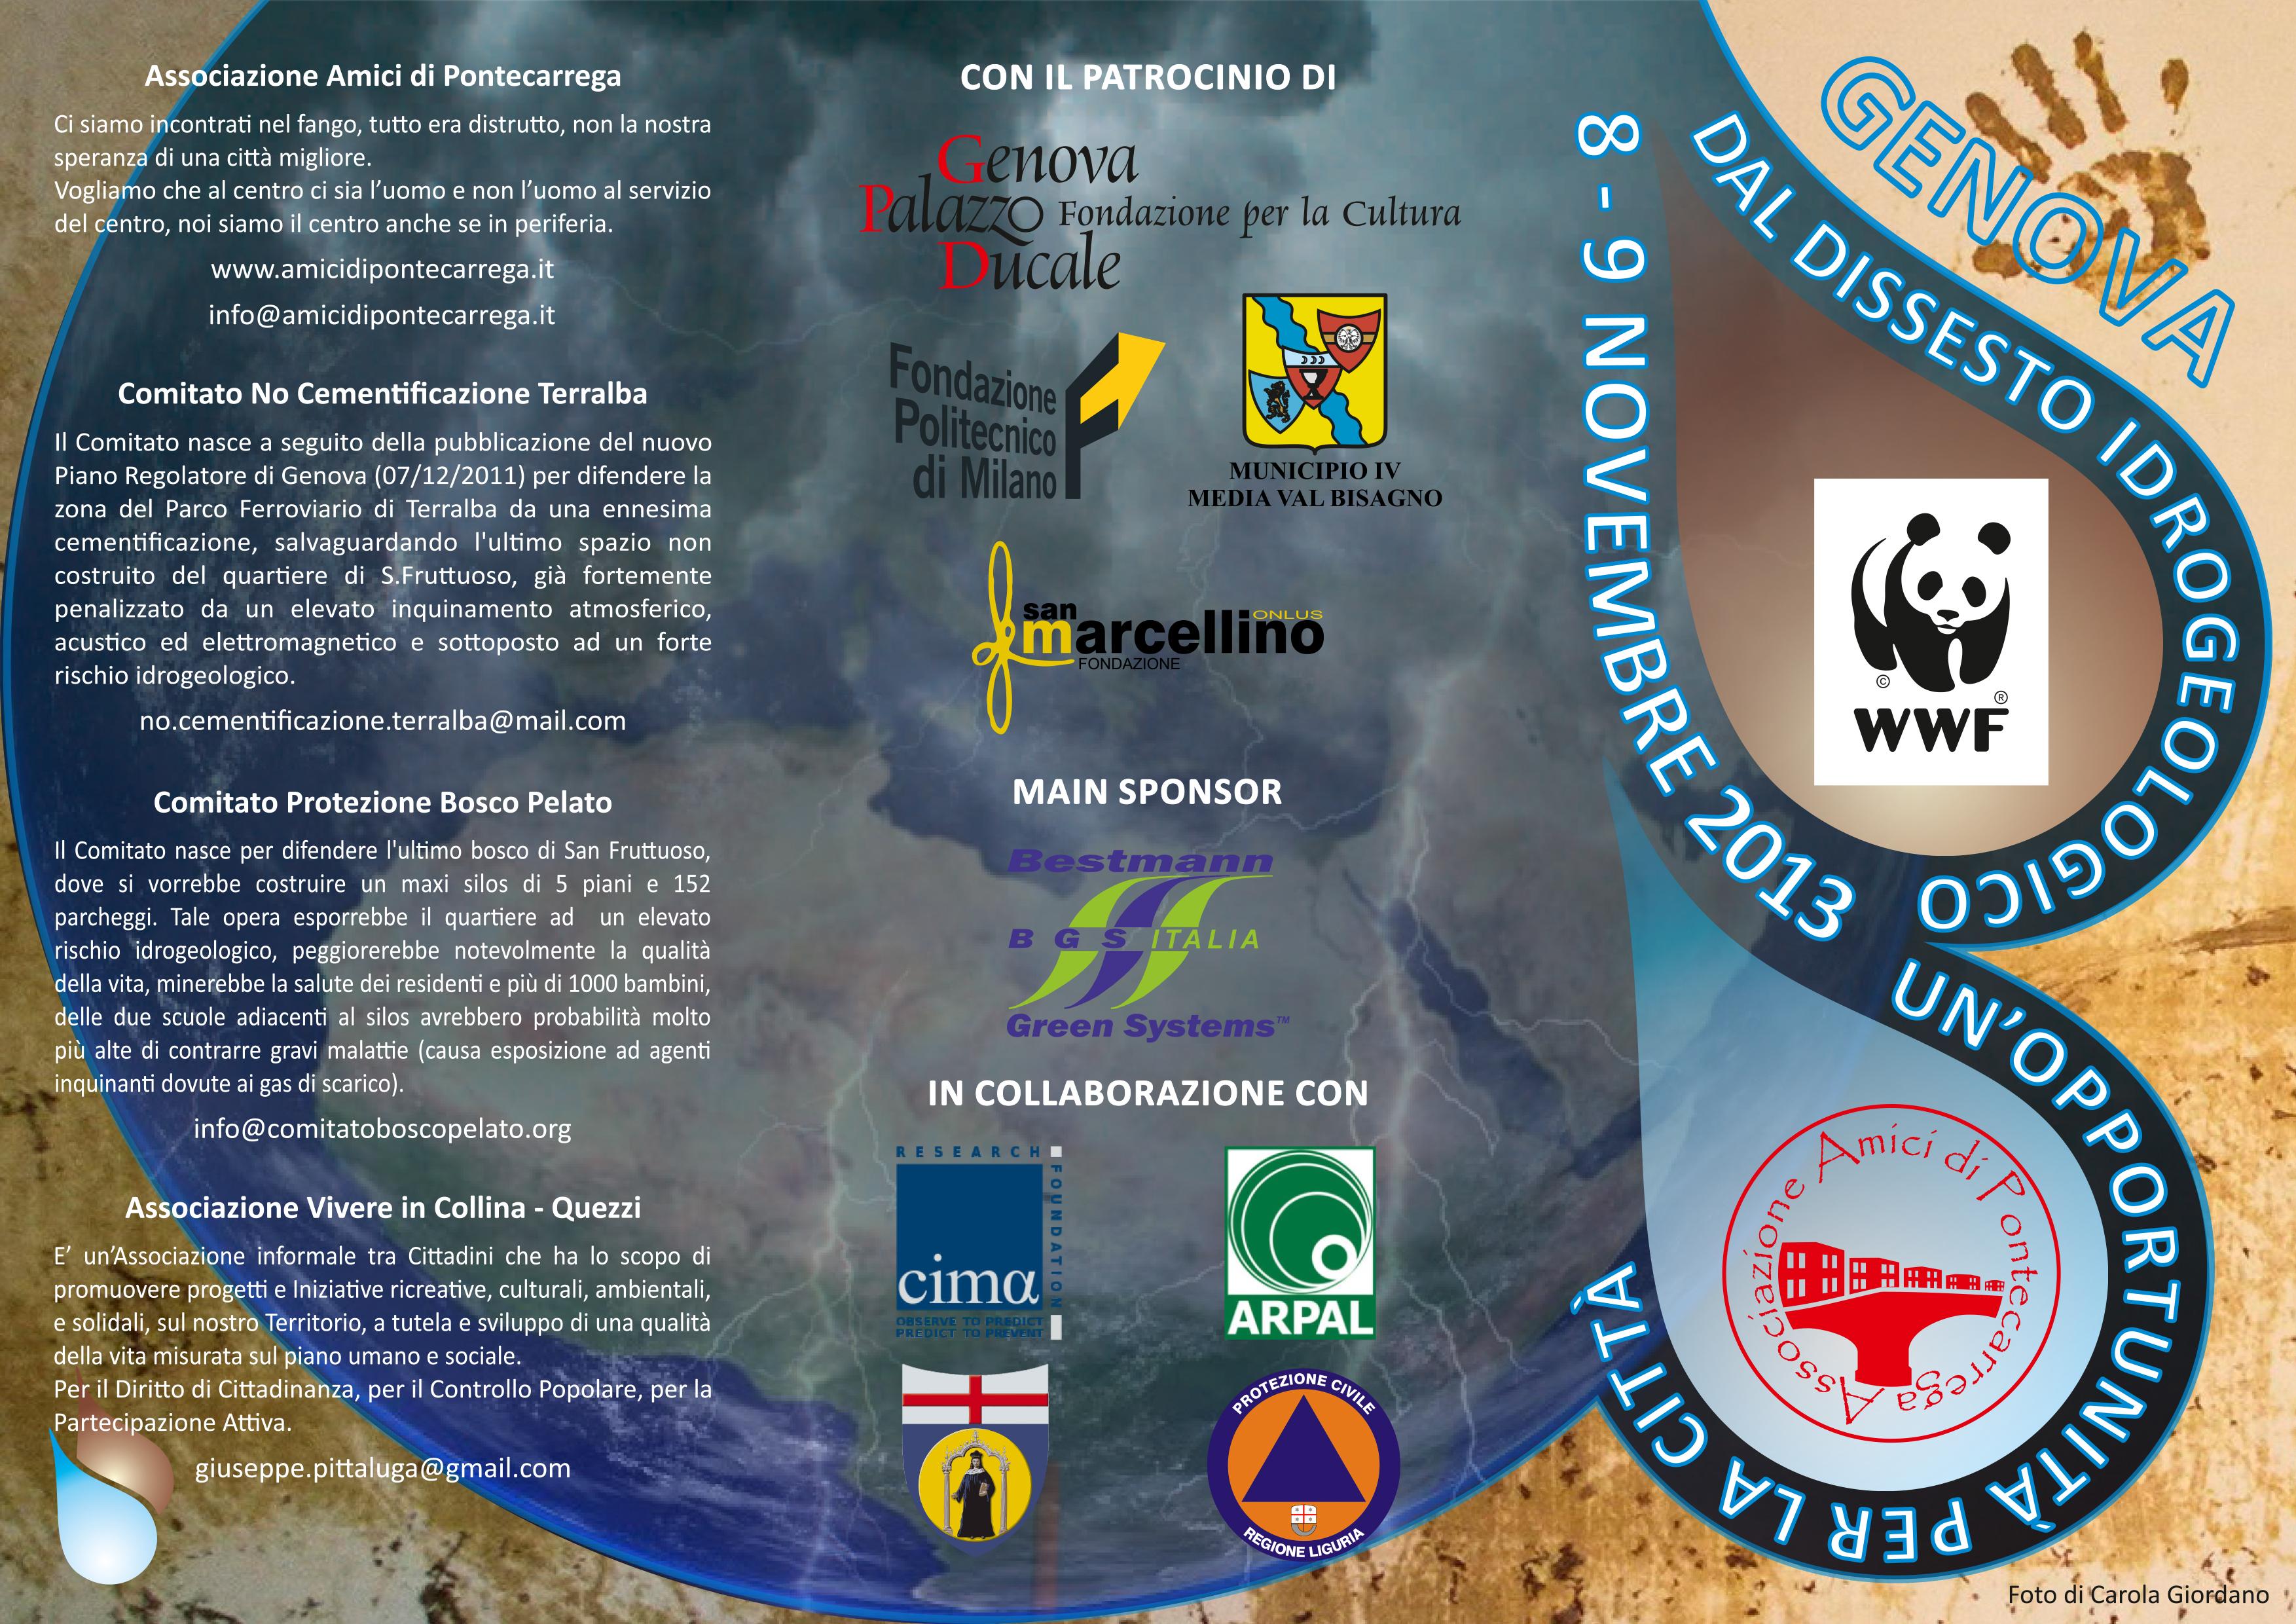 Dopo il lavoro svolto in questi mesi sul tema del dissesto idrogeologico nell ambito del gruppo di lavoro promosso dal Wwf l Associazione Amici di